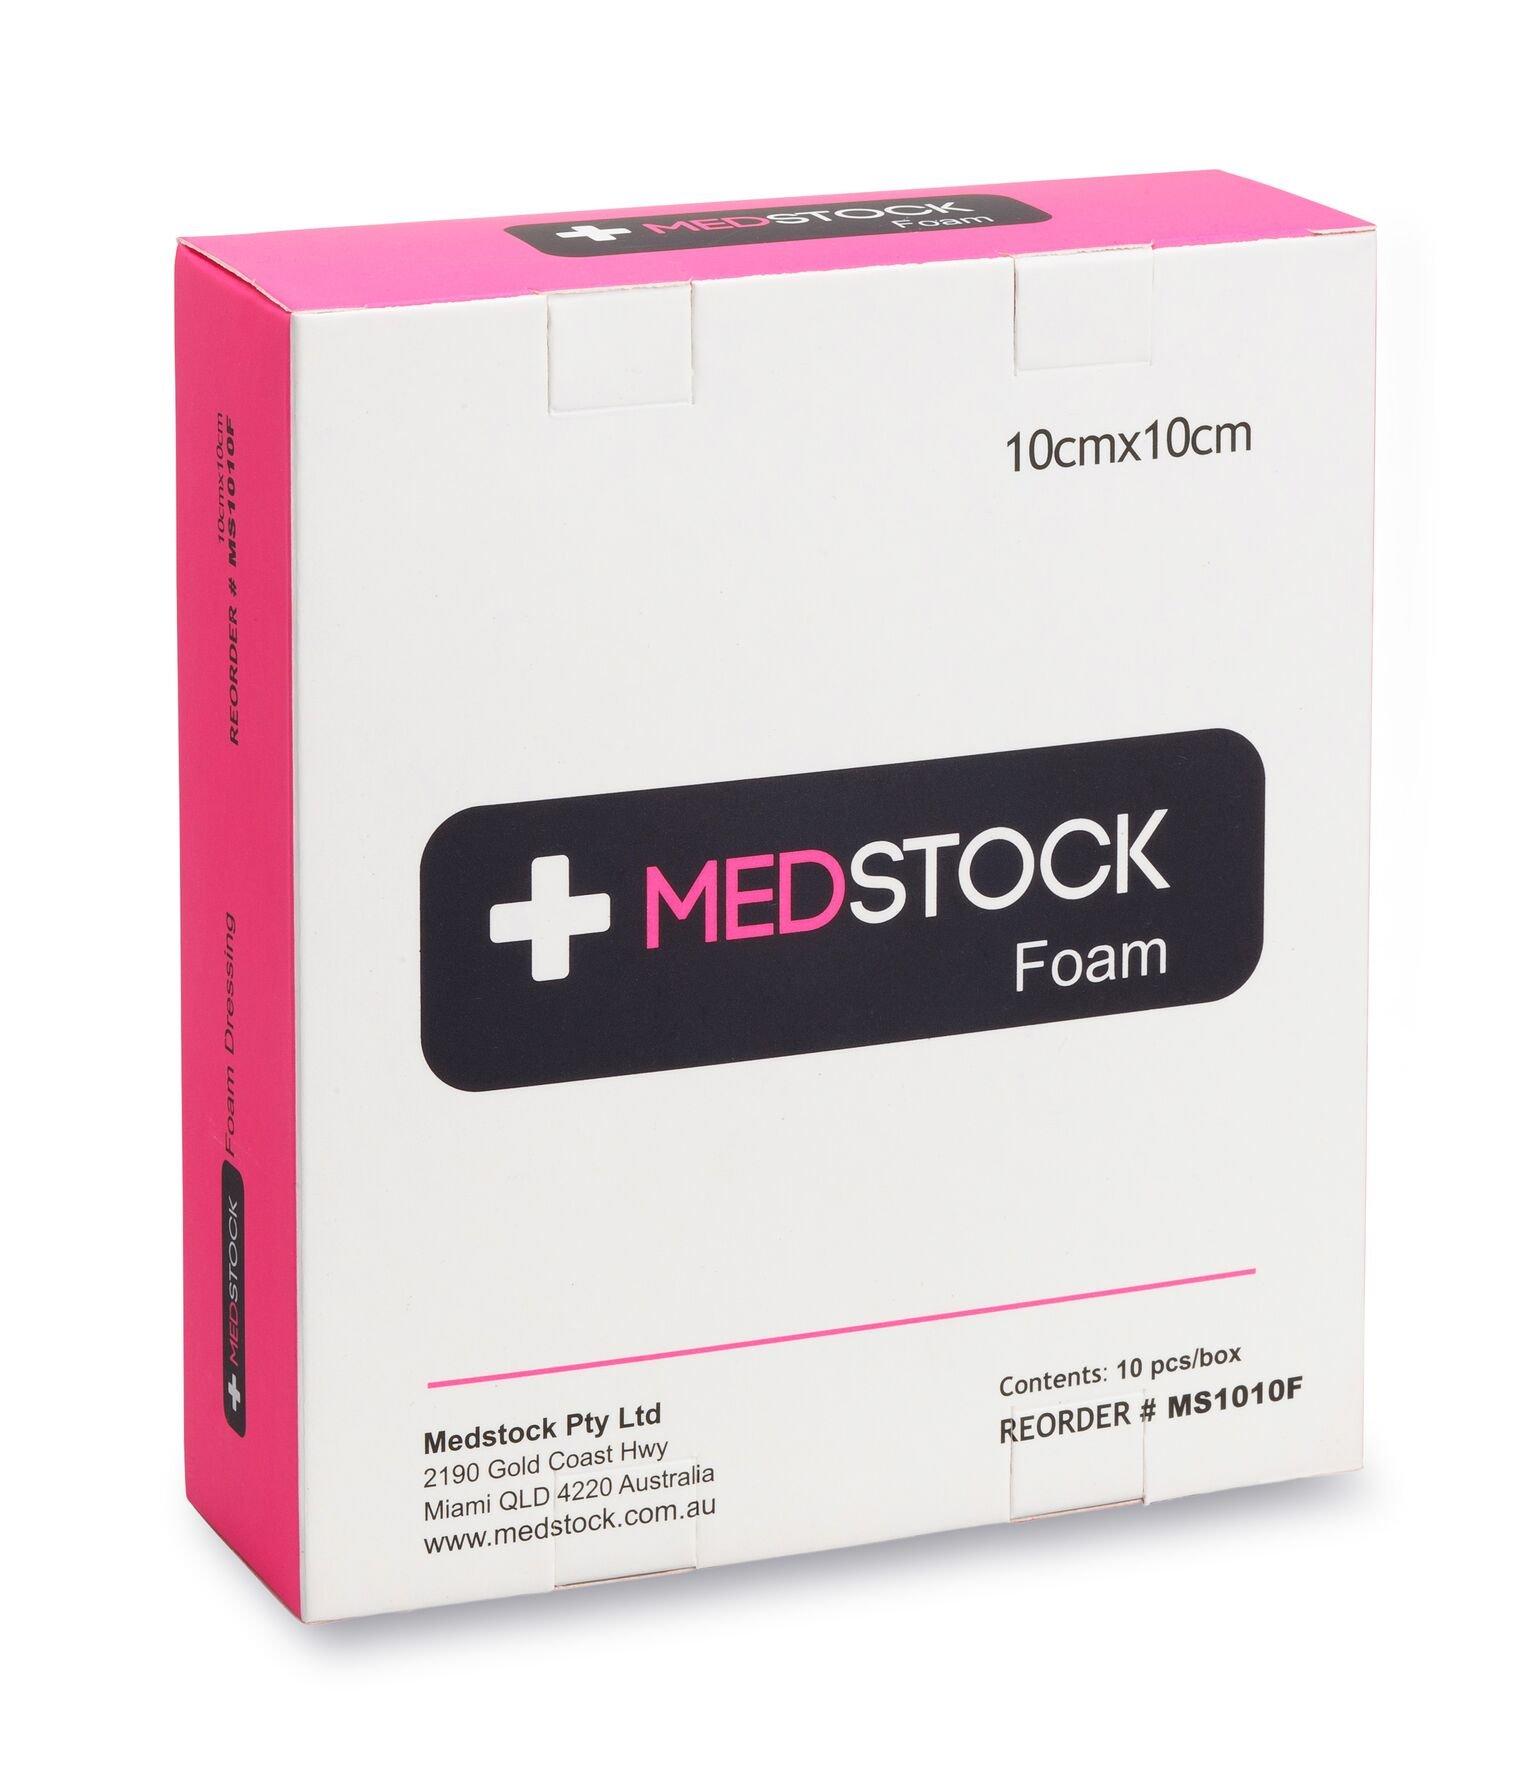 MEDSTOCK FOAM NON-ADHESIVE DRESSING 10CM X 10CM BOX 10